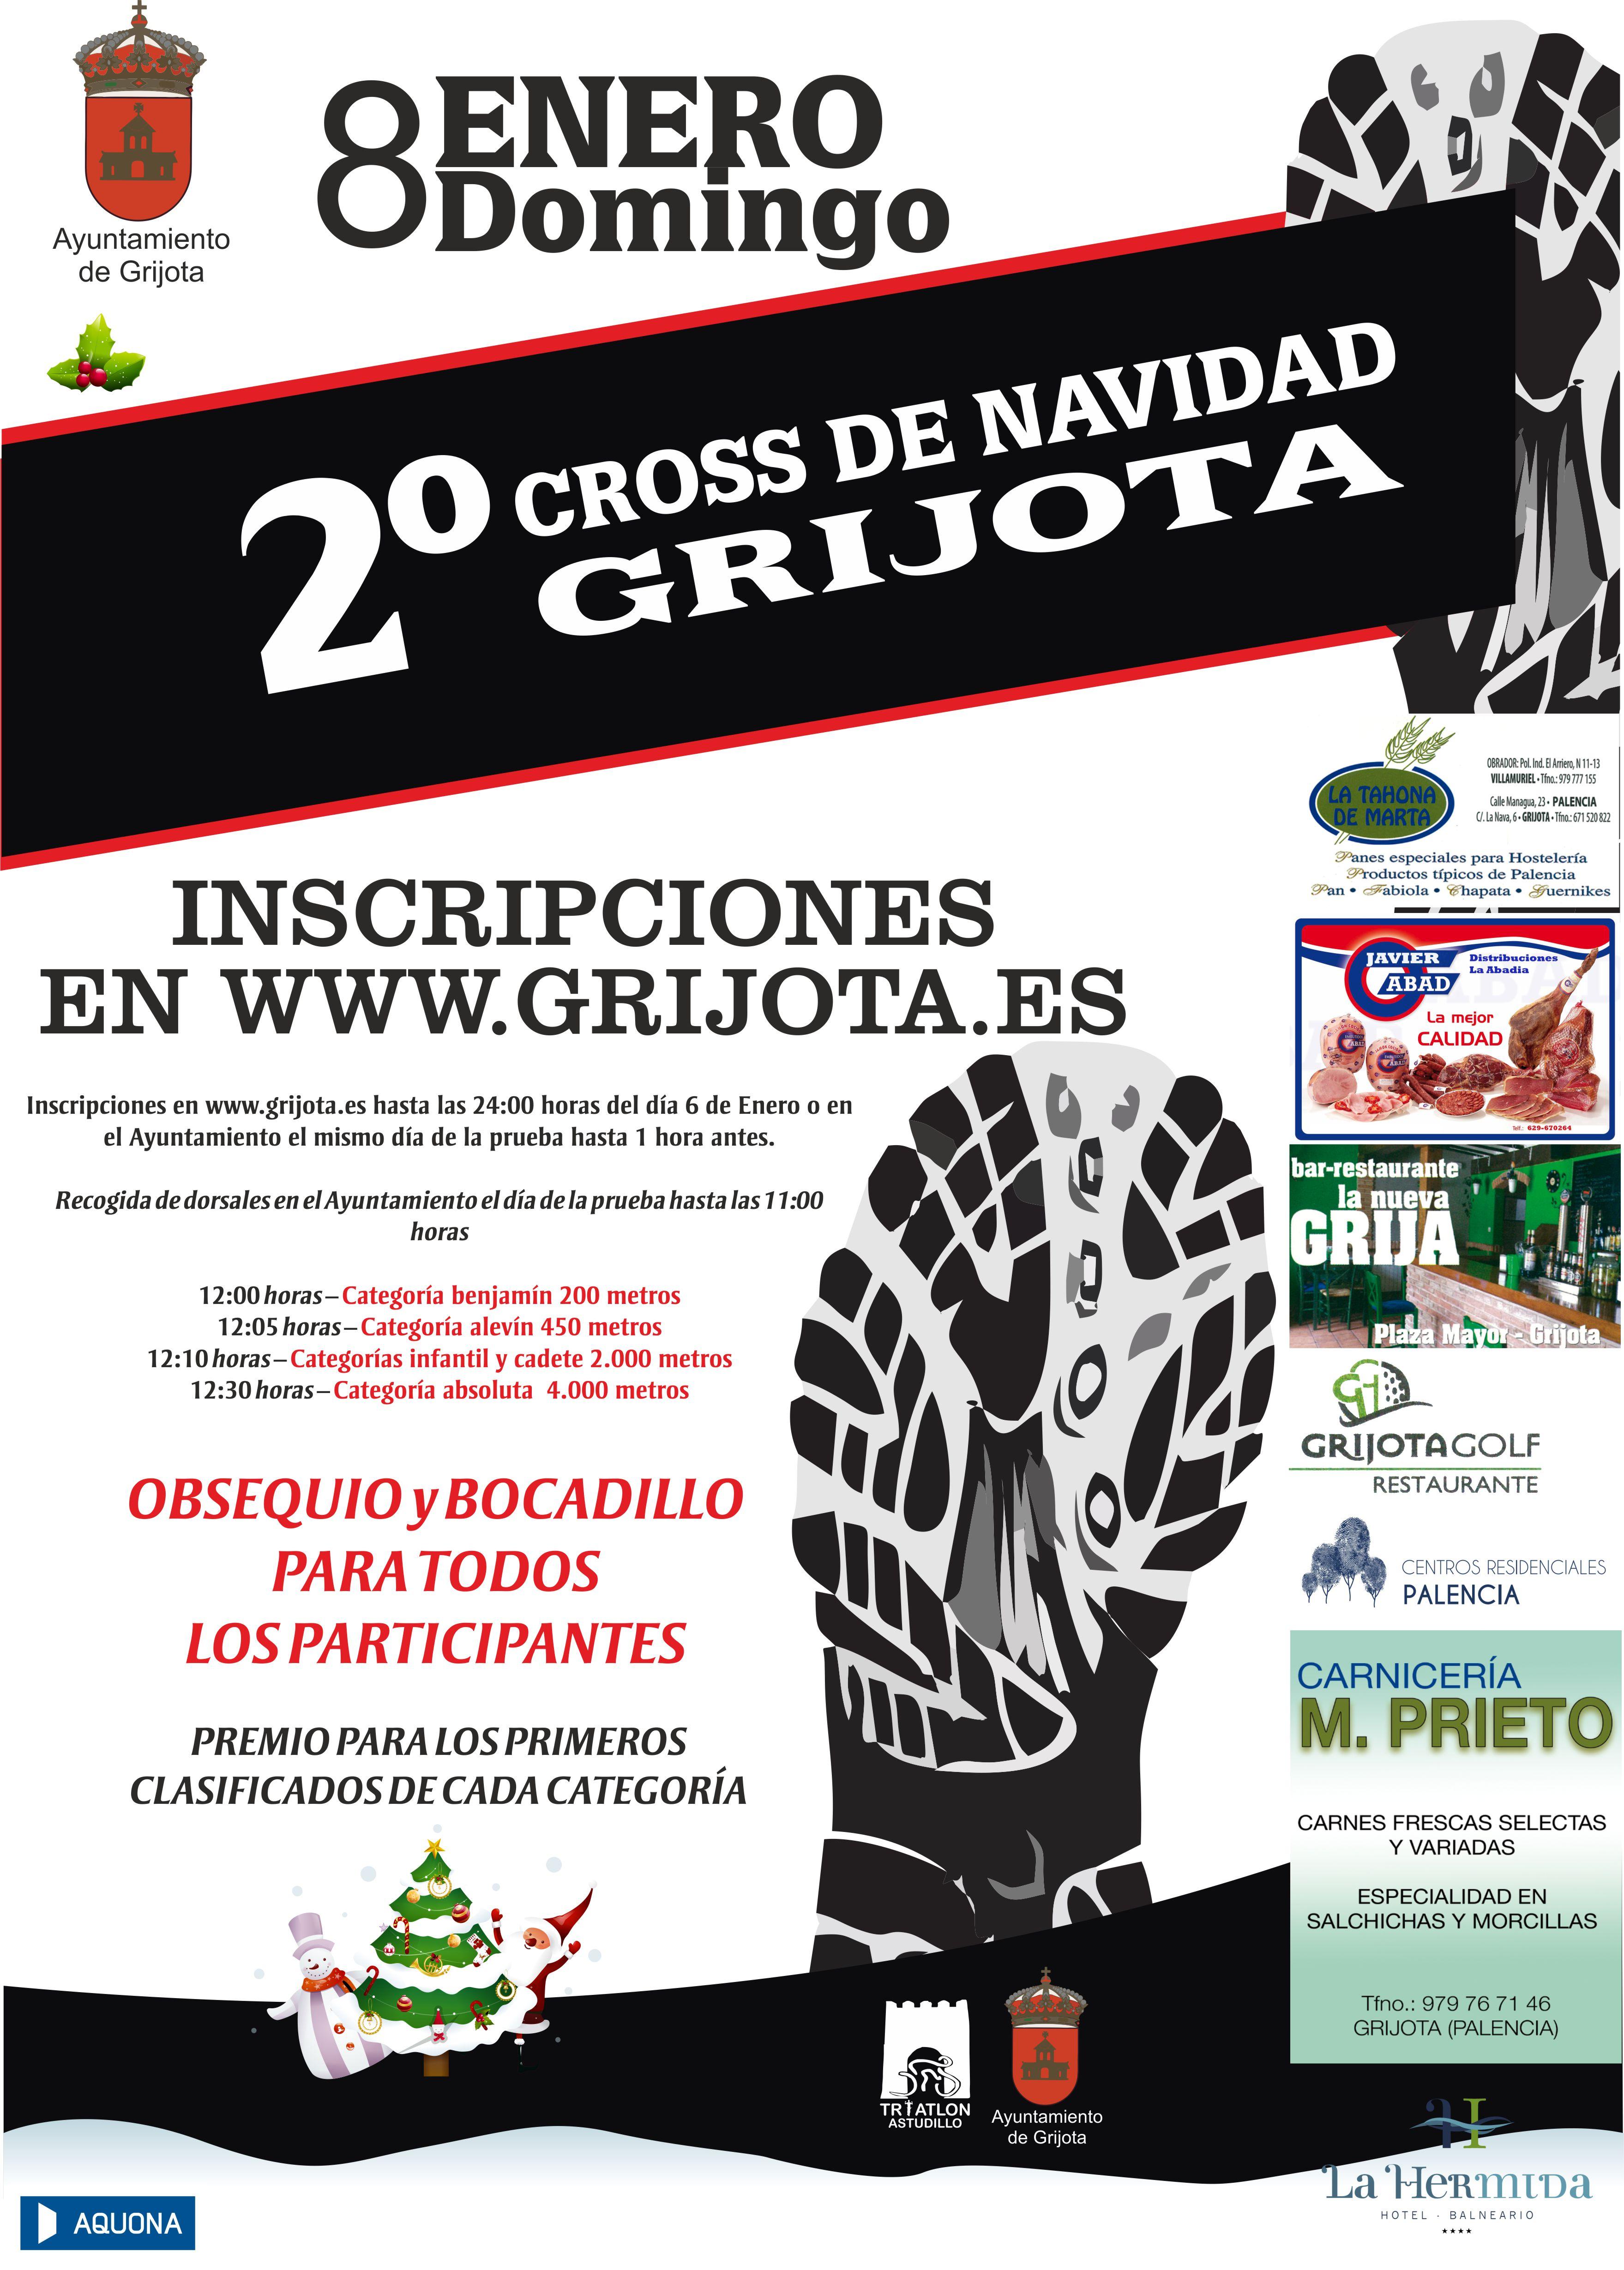 2º Cross Navidad – Grijota